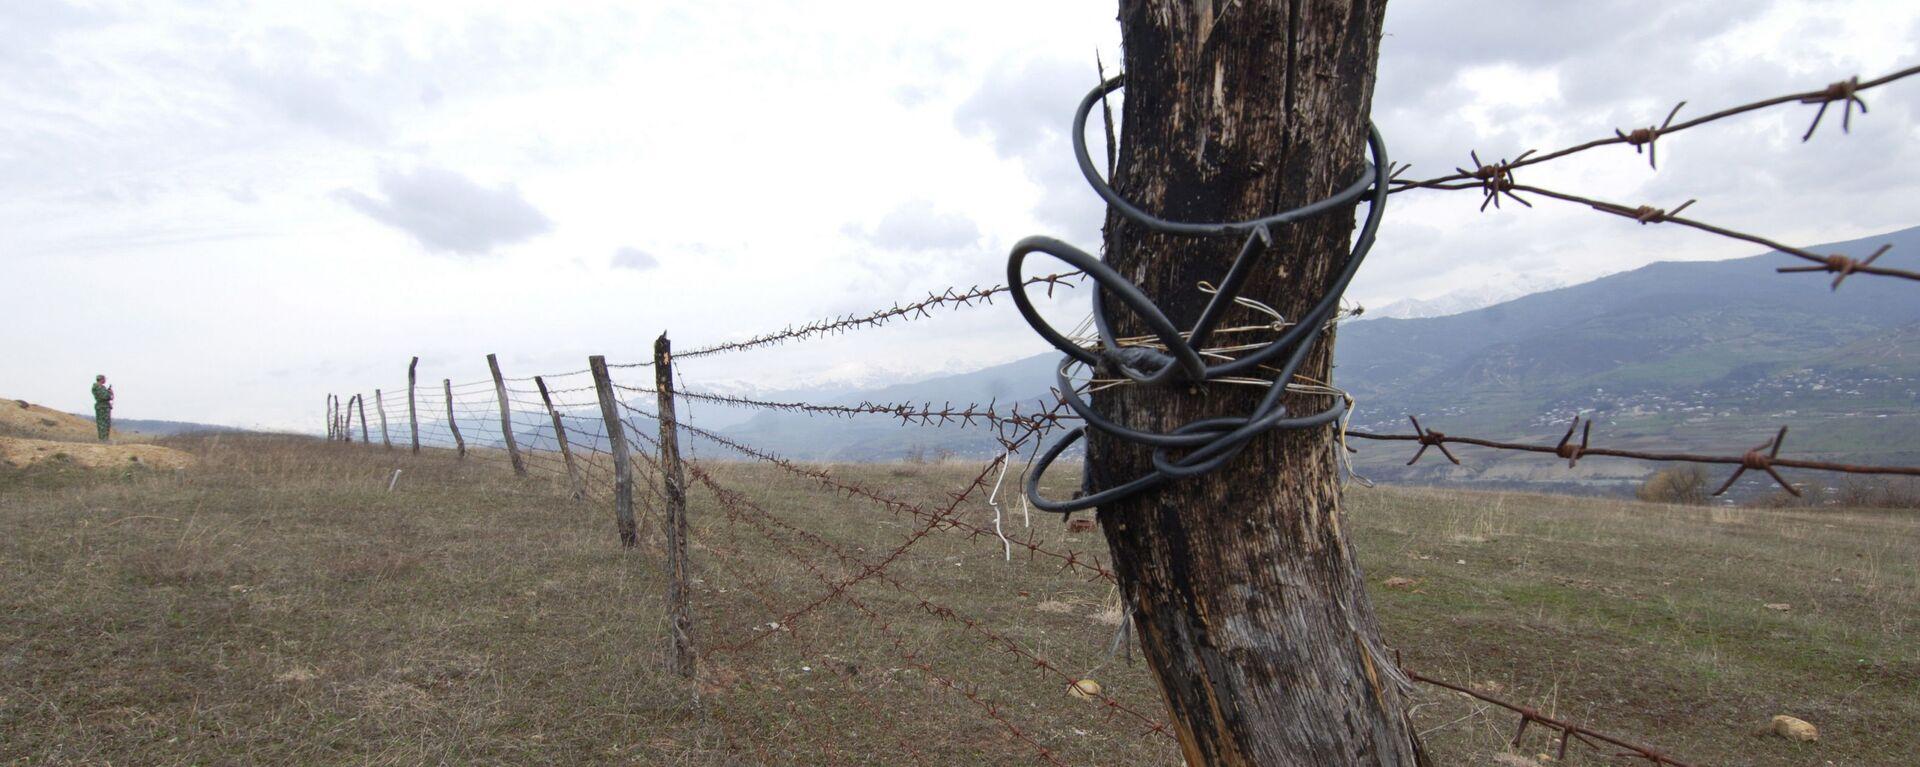 Граница, архивное фото - Sputnik Таджикистан, 1920, 04.06.2021